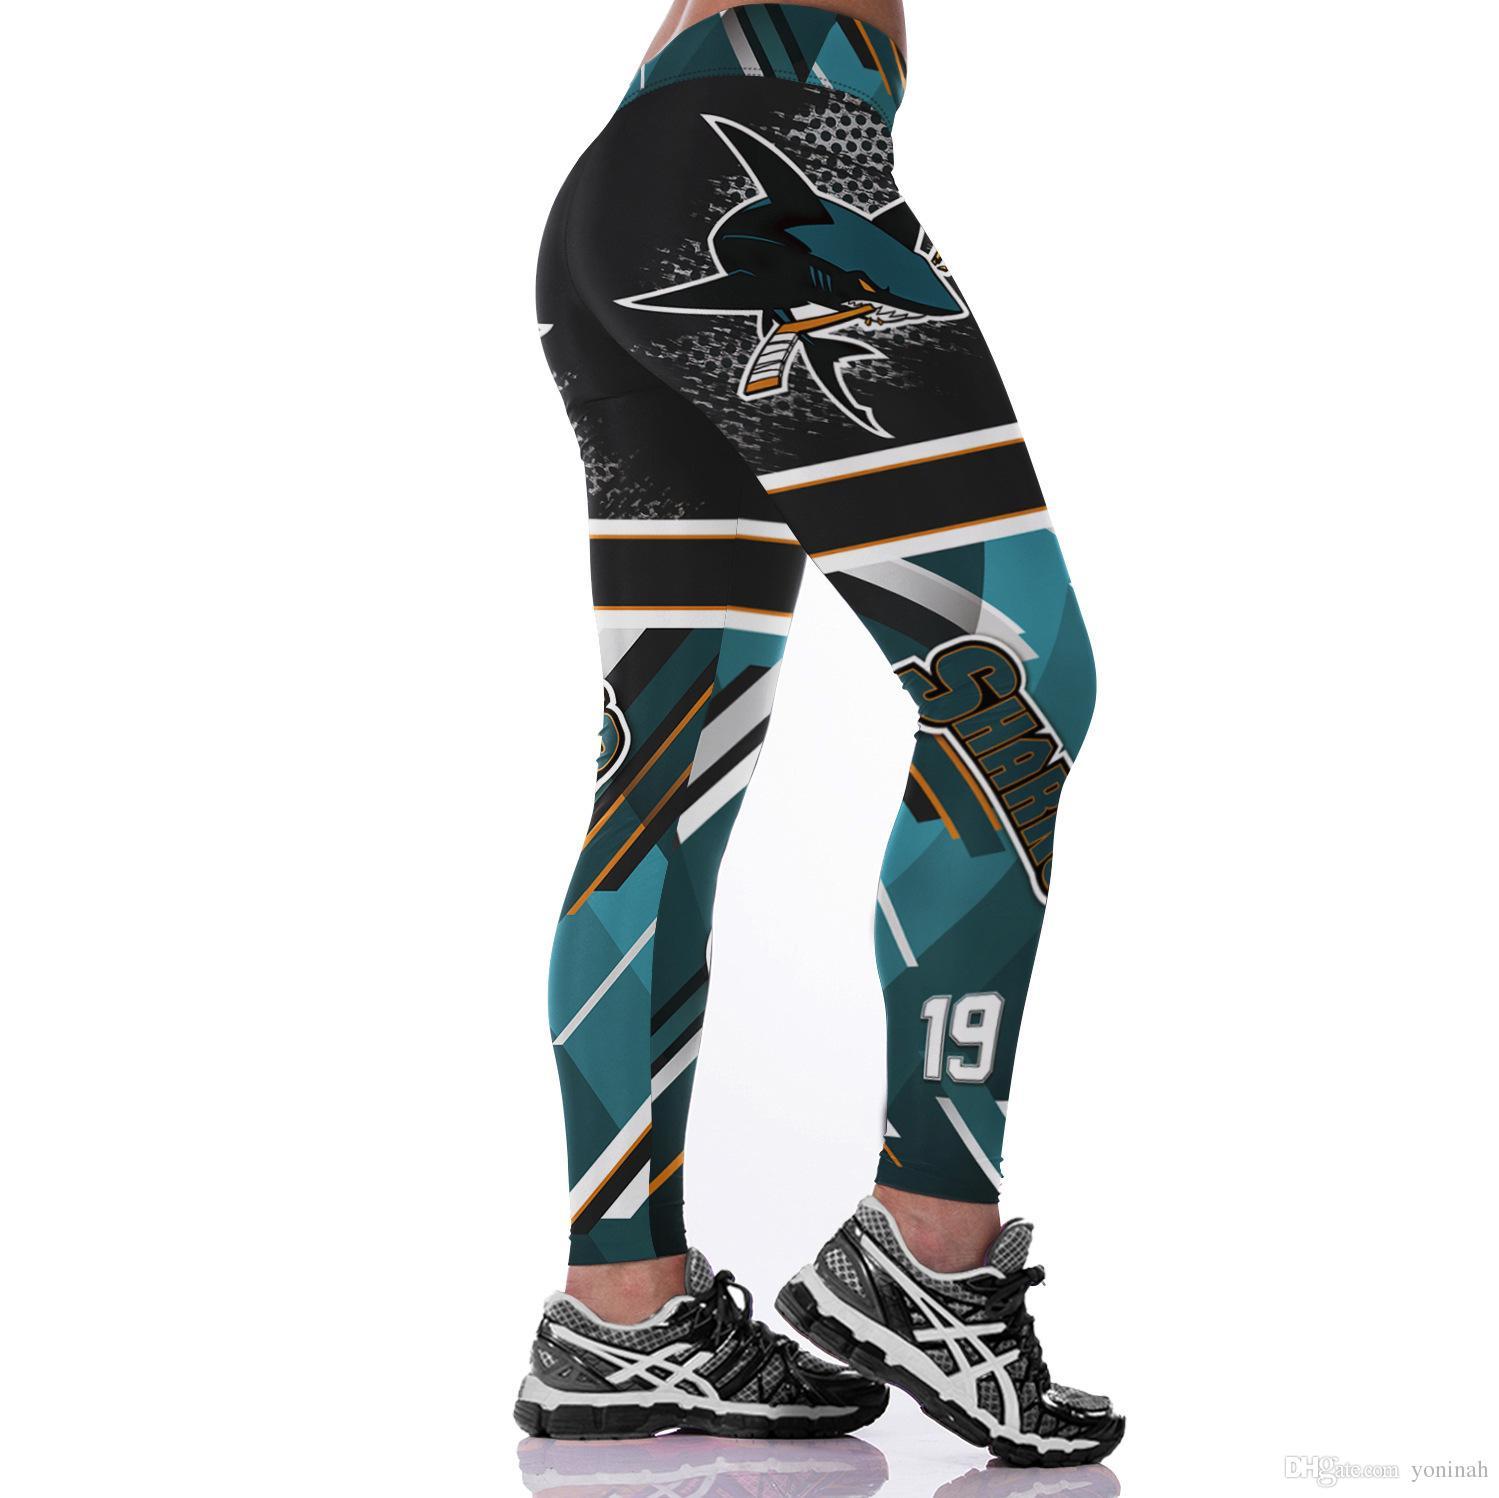 Venta al por mayor envío gratuito Classic America Cosplay impresión en 3D mujeres Leggings deportivos Sexy Fitness pantalones para mujer ropa de entrenamiento elástico